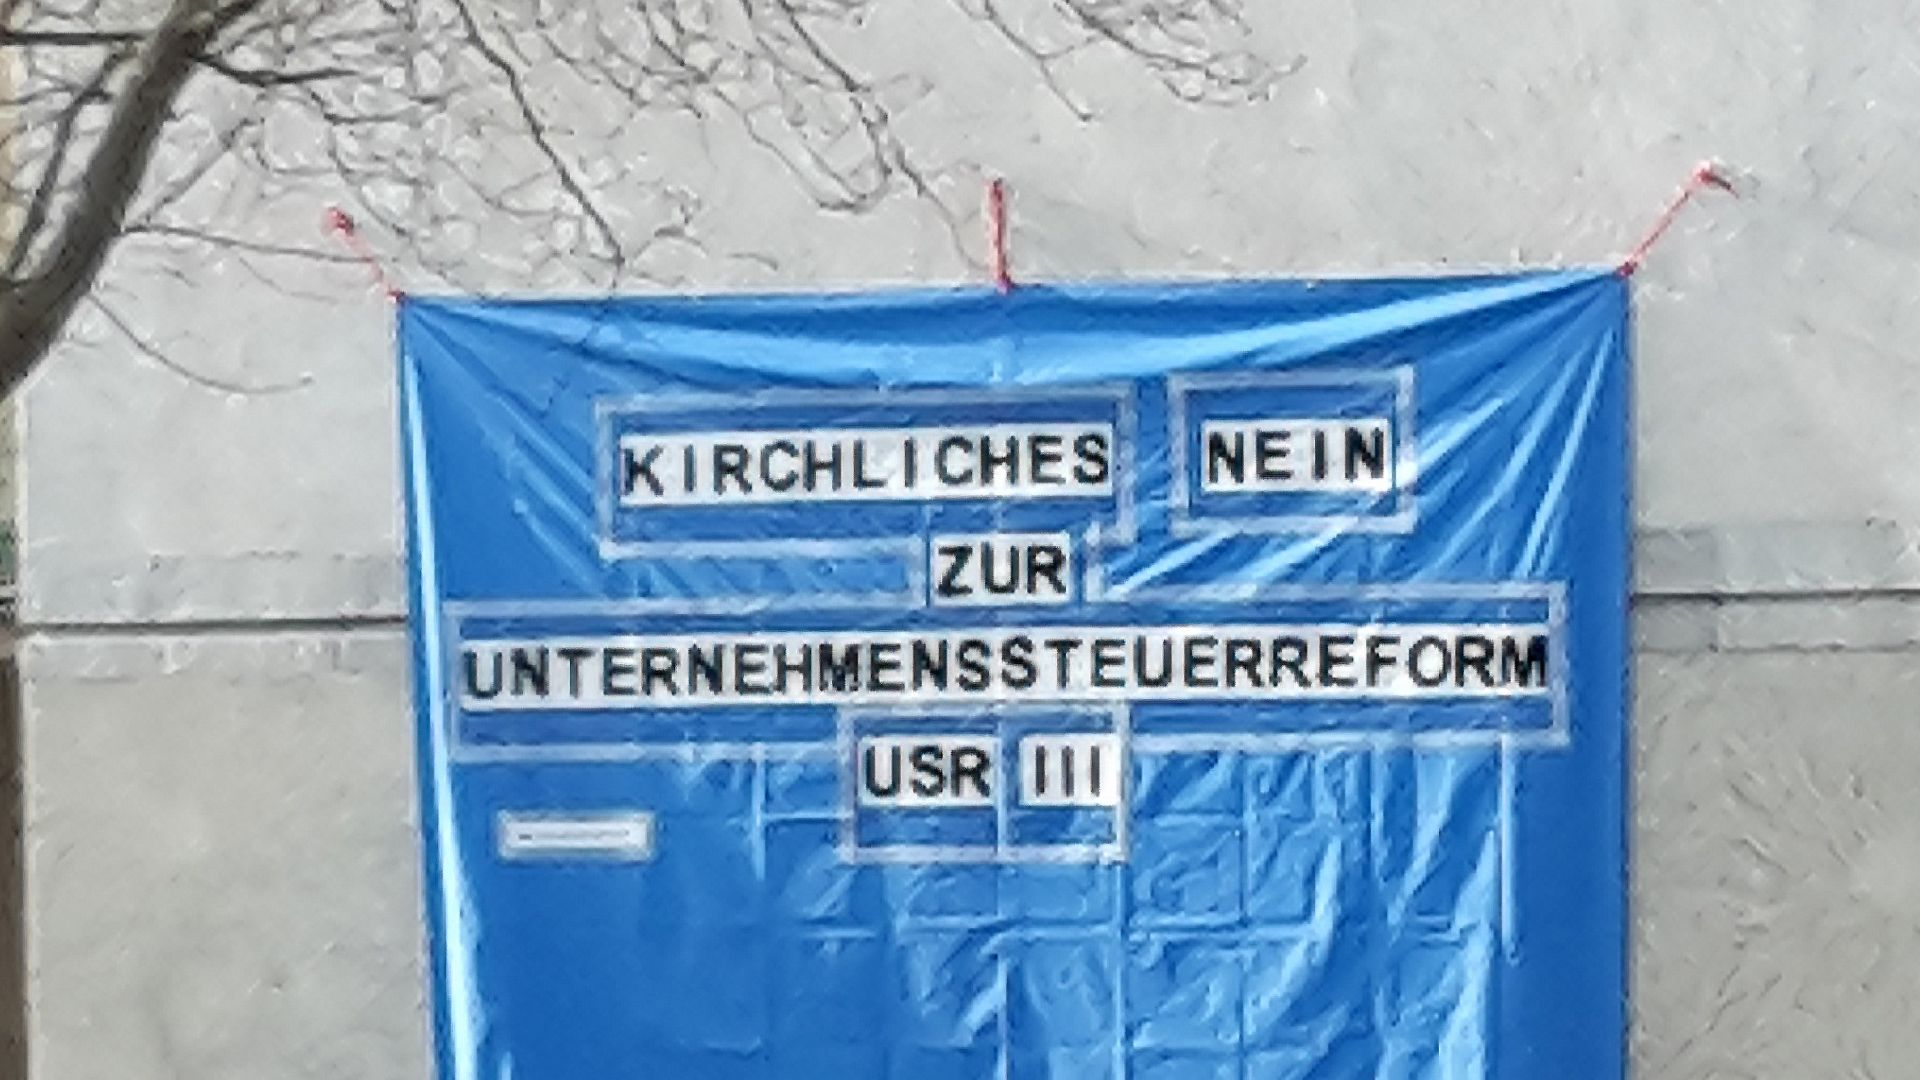 Michel_Mueller_Kirchturmpolitik_170217